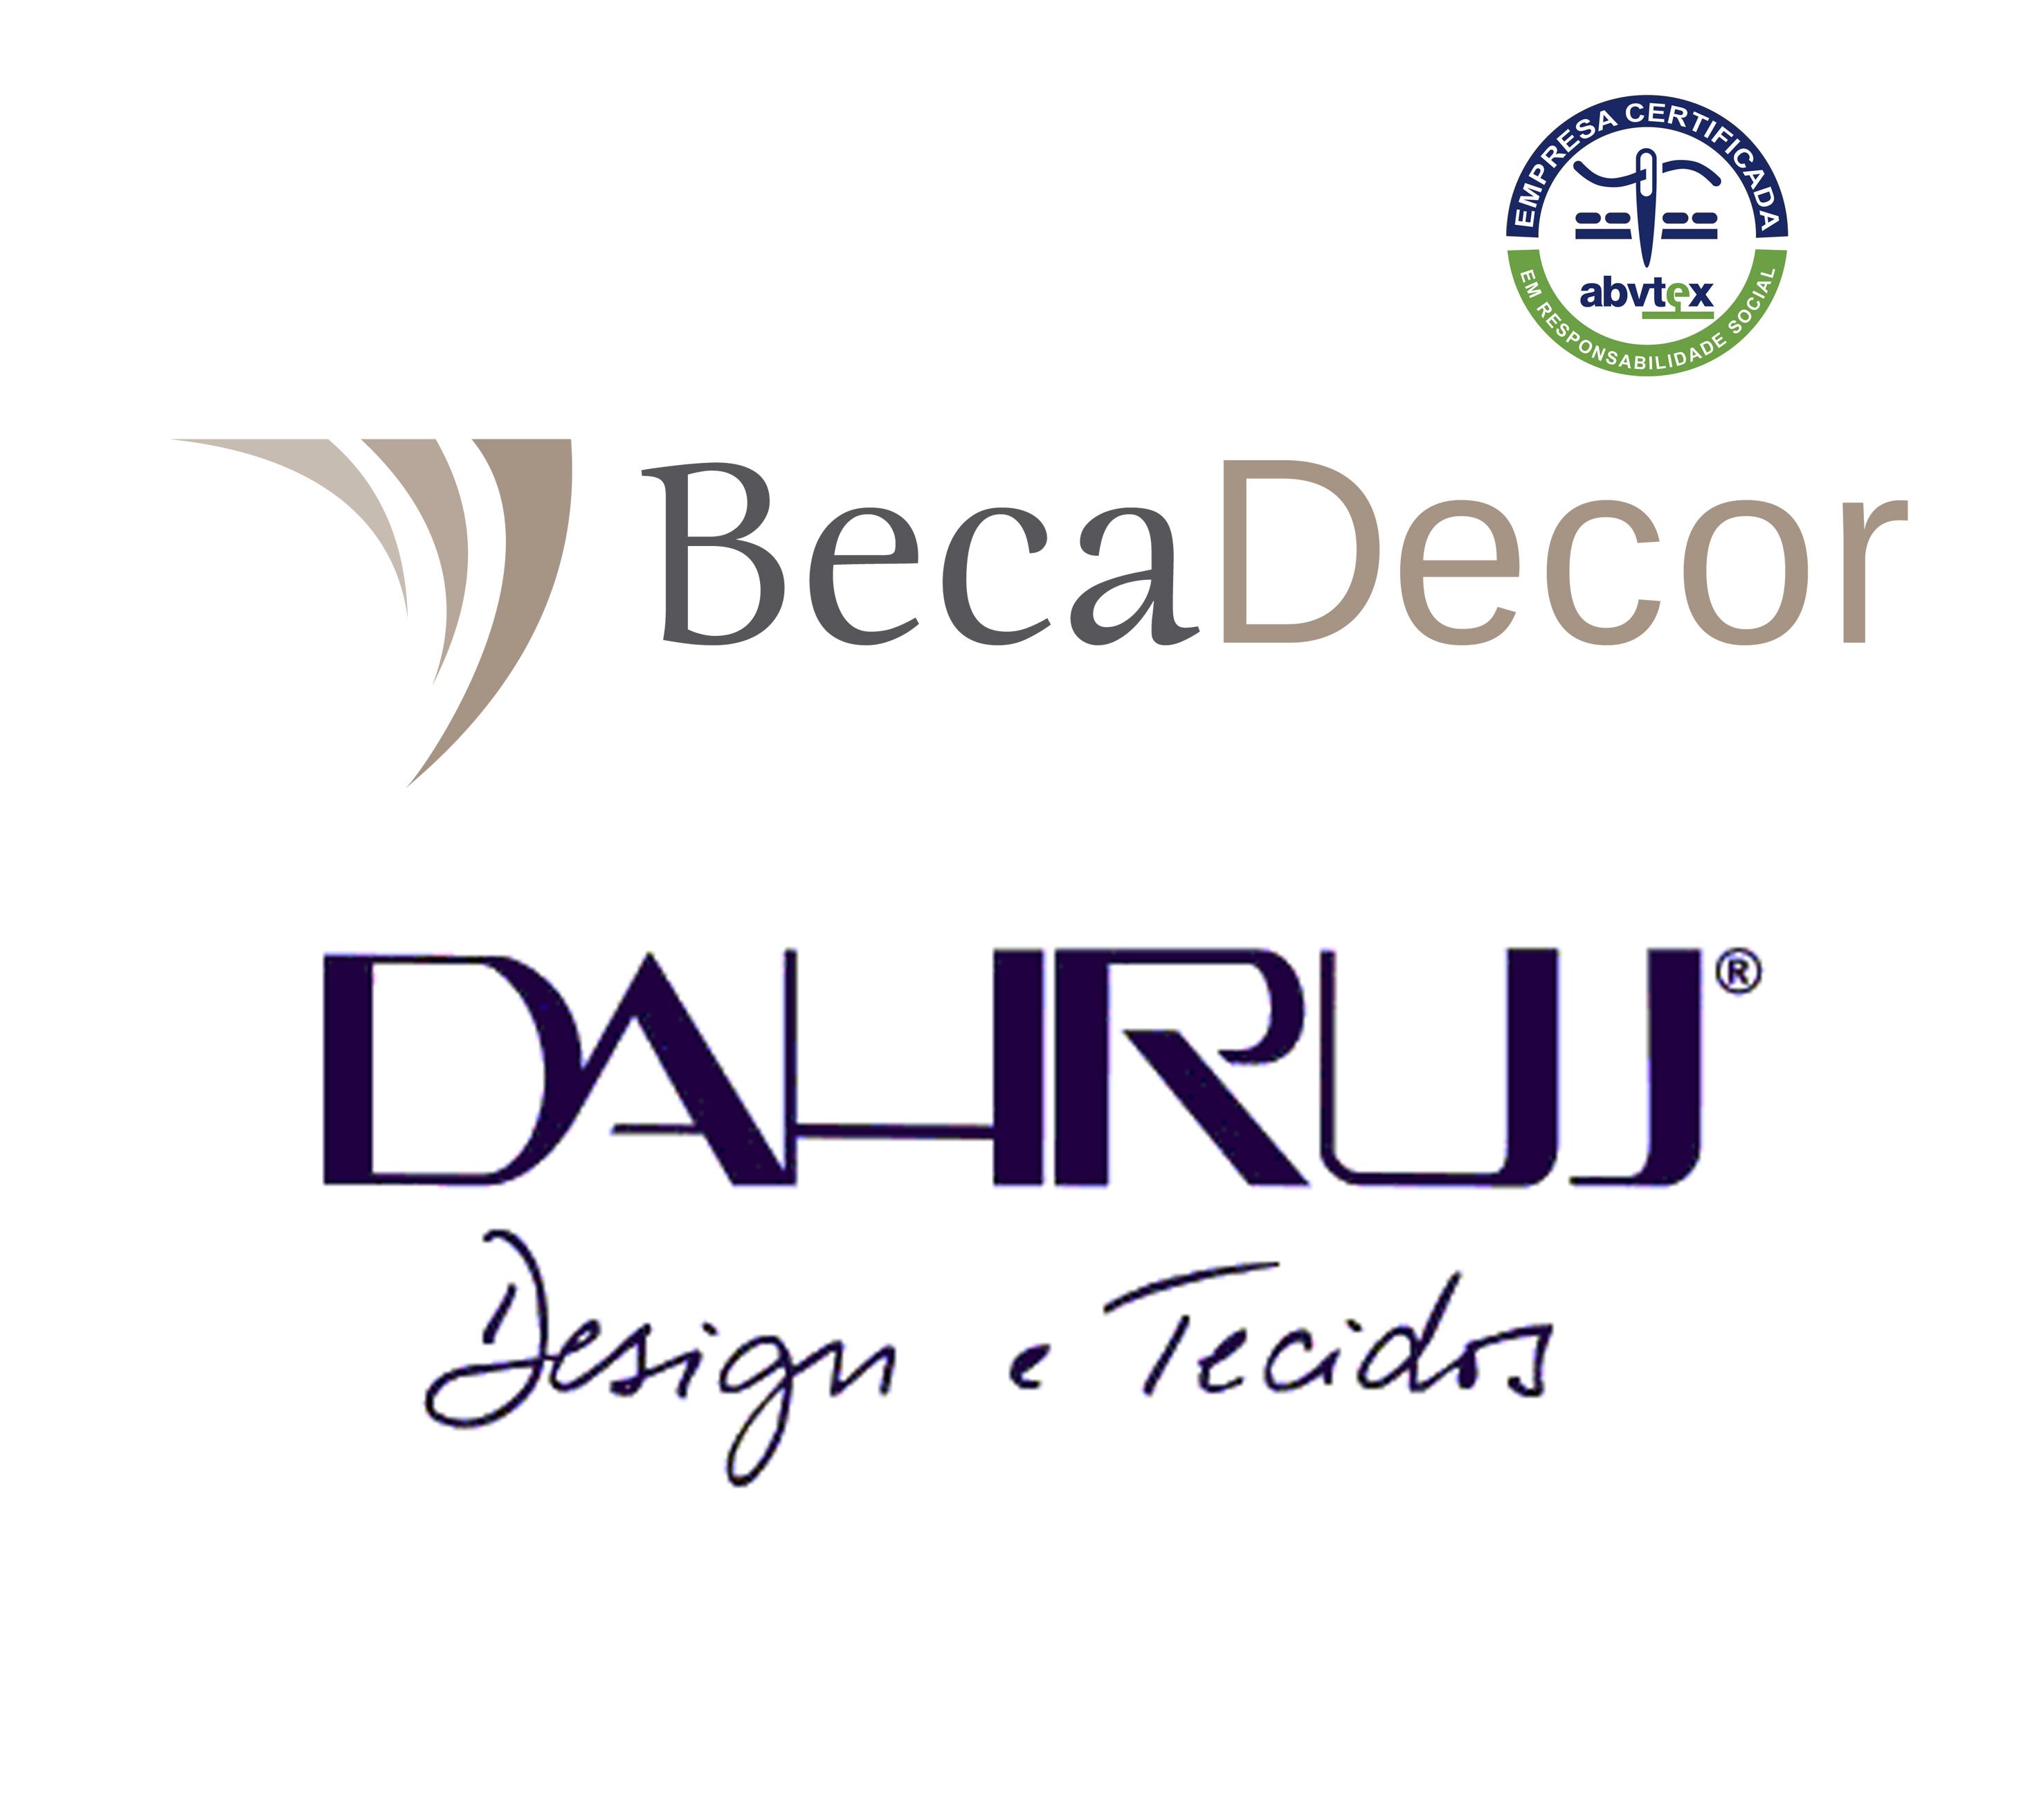 Associado ABUP - DAHRUJ – BECA DECOR